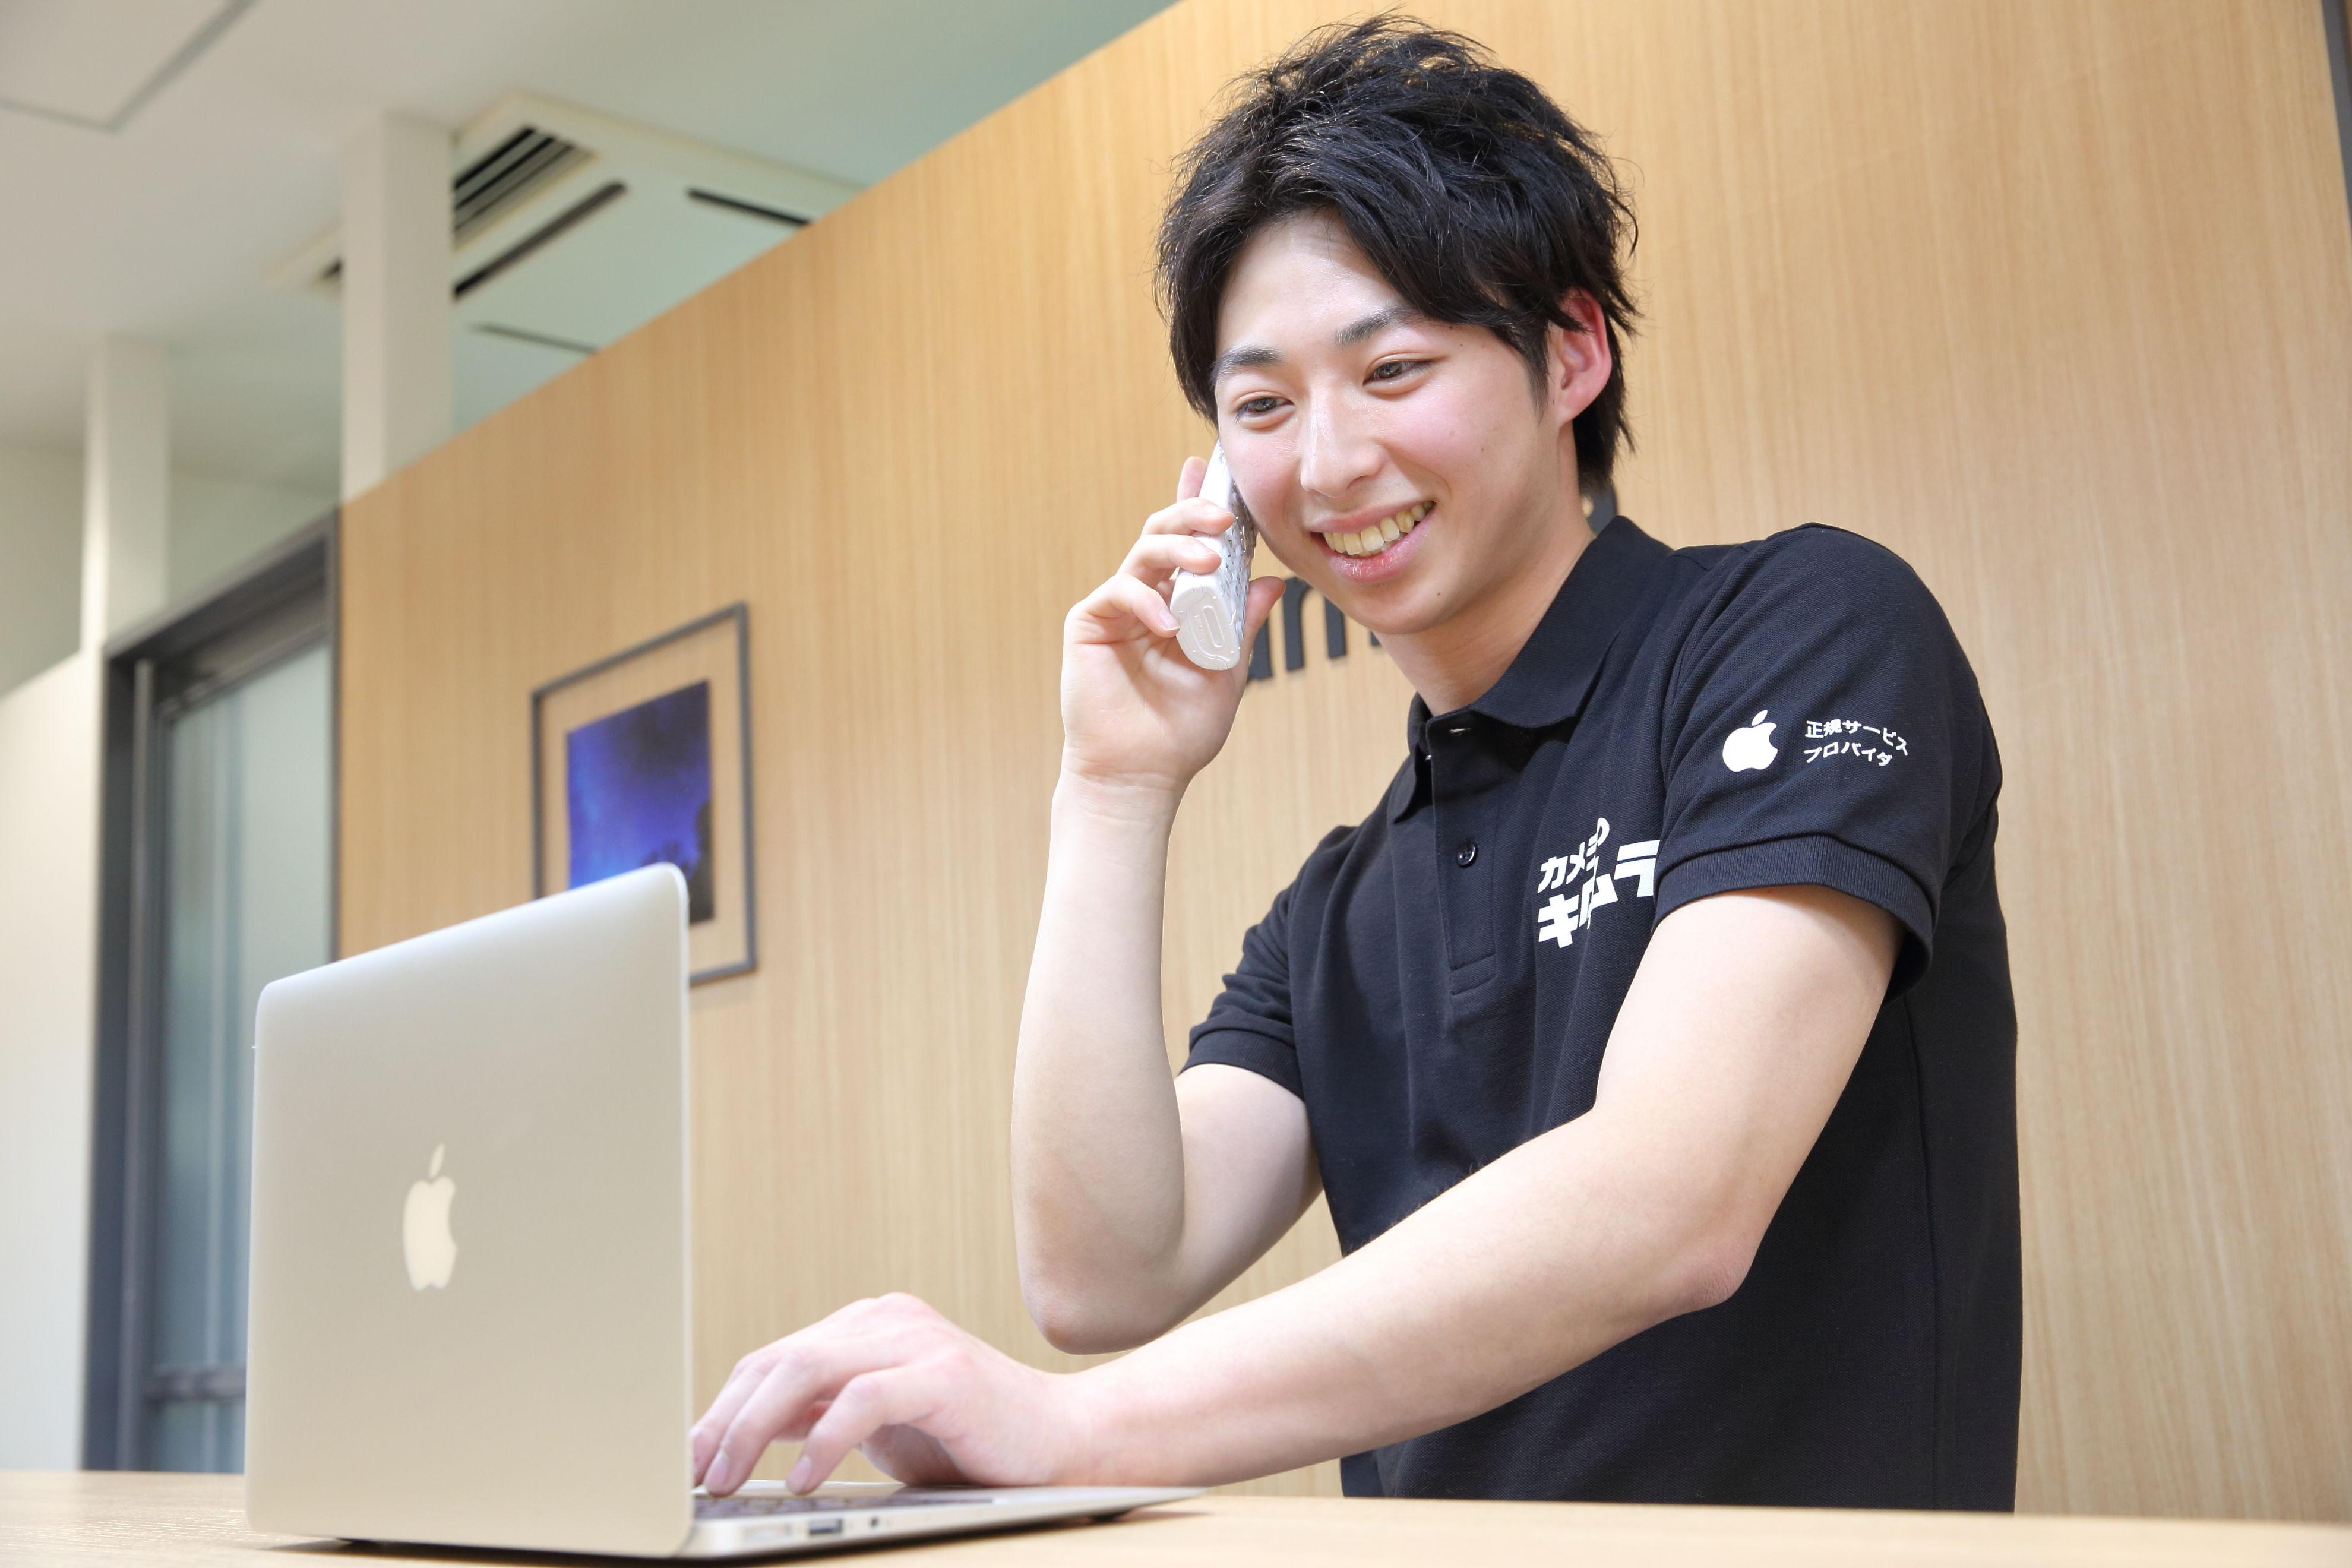 カメラのキタムラ アップル製品サービス 津/阿漕店 のアルバイト情報